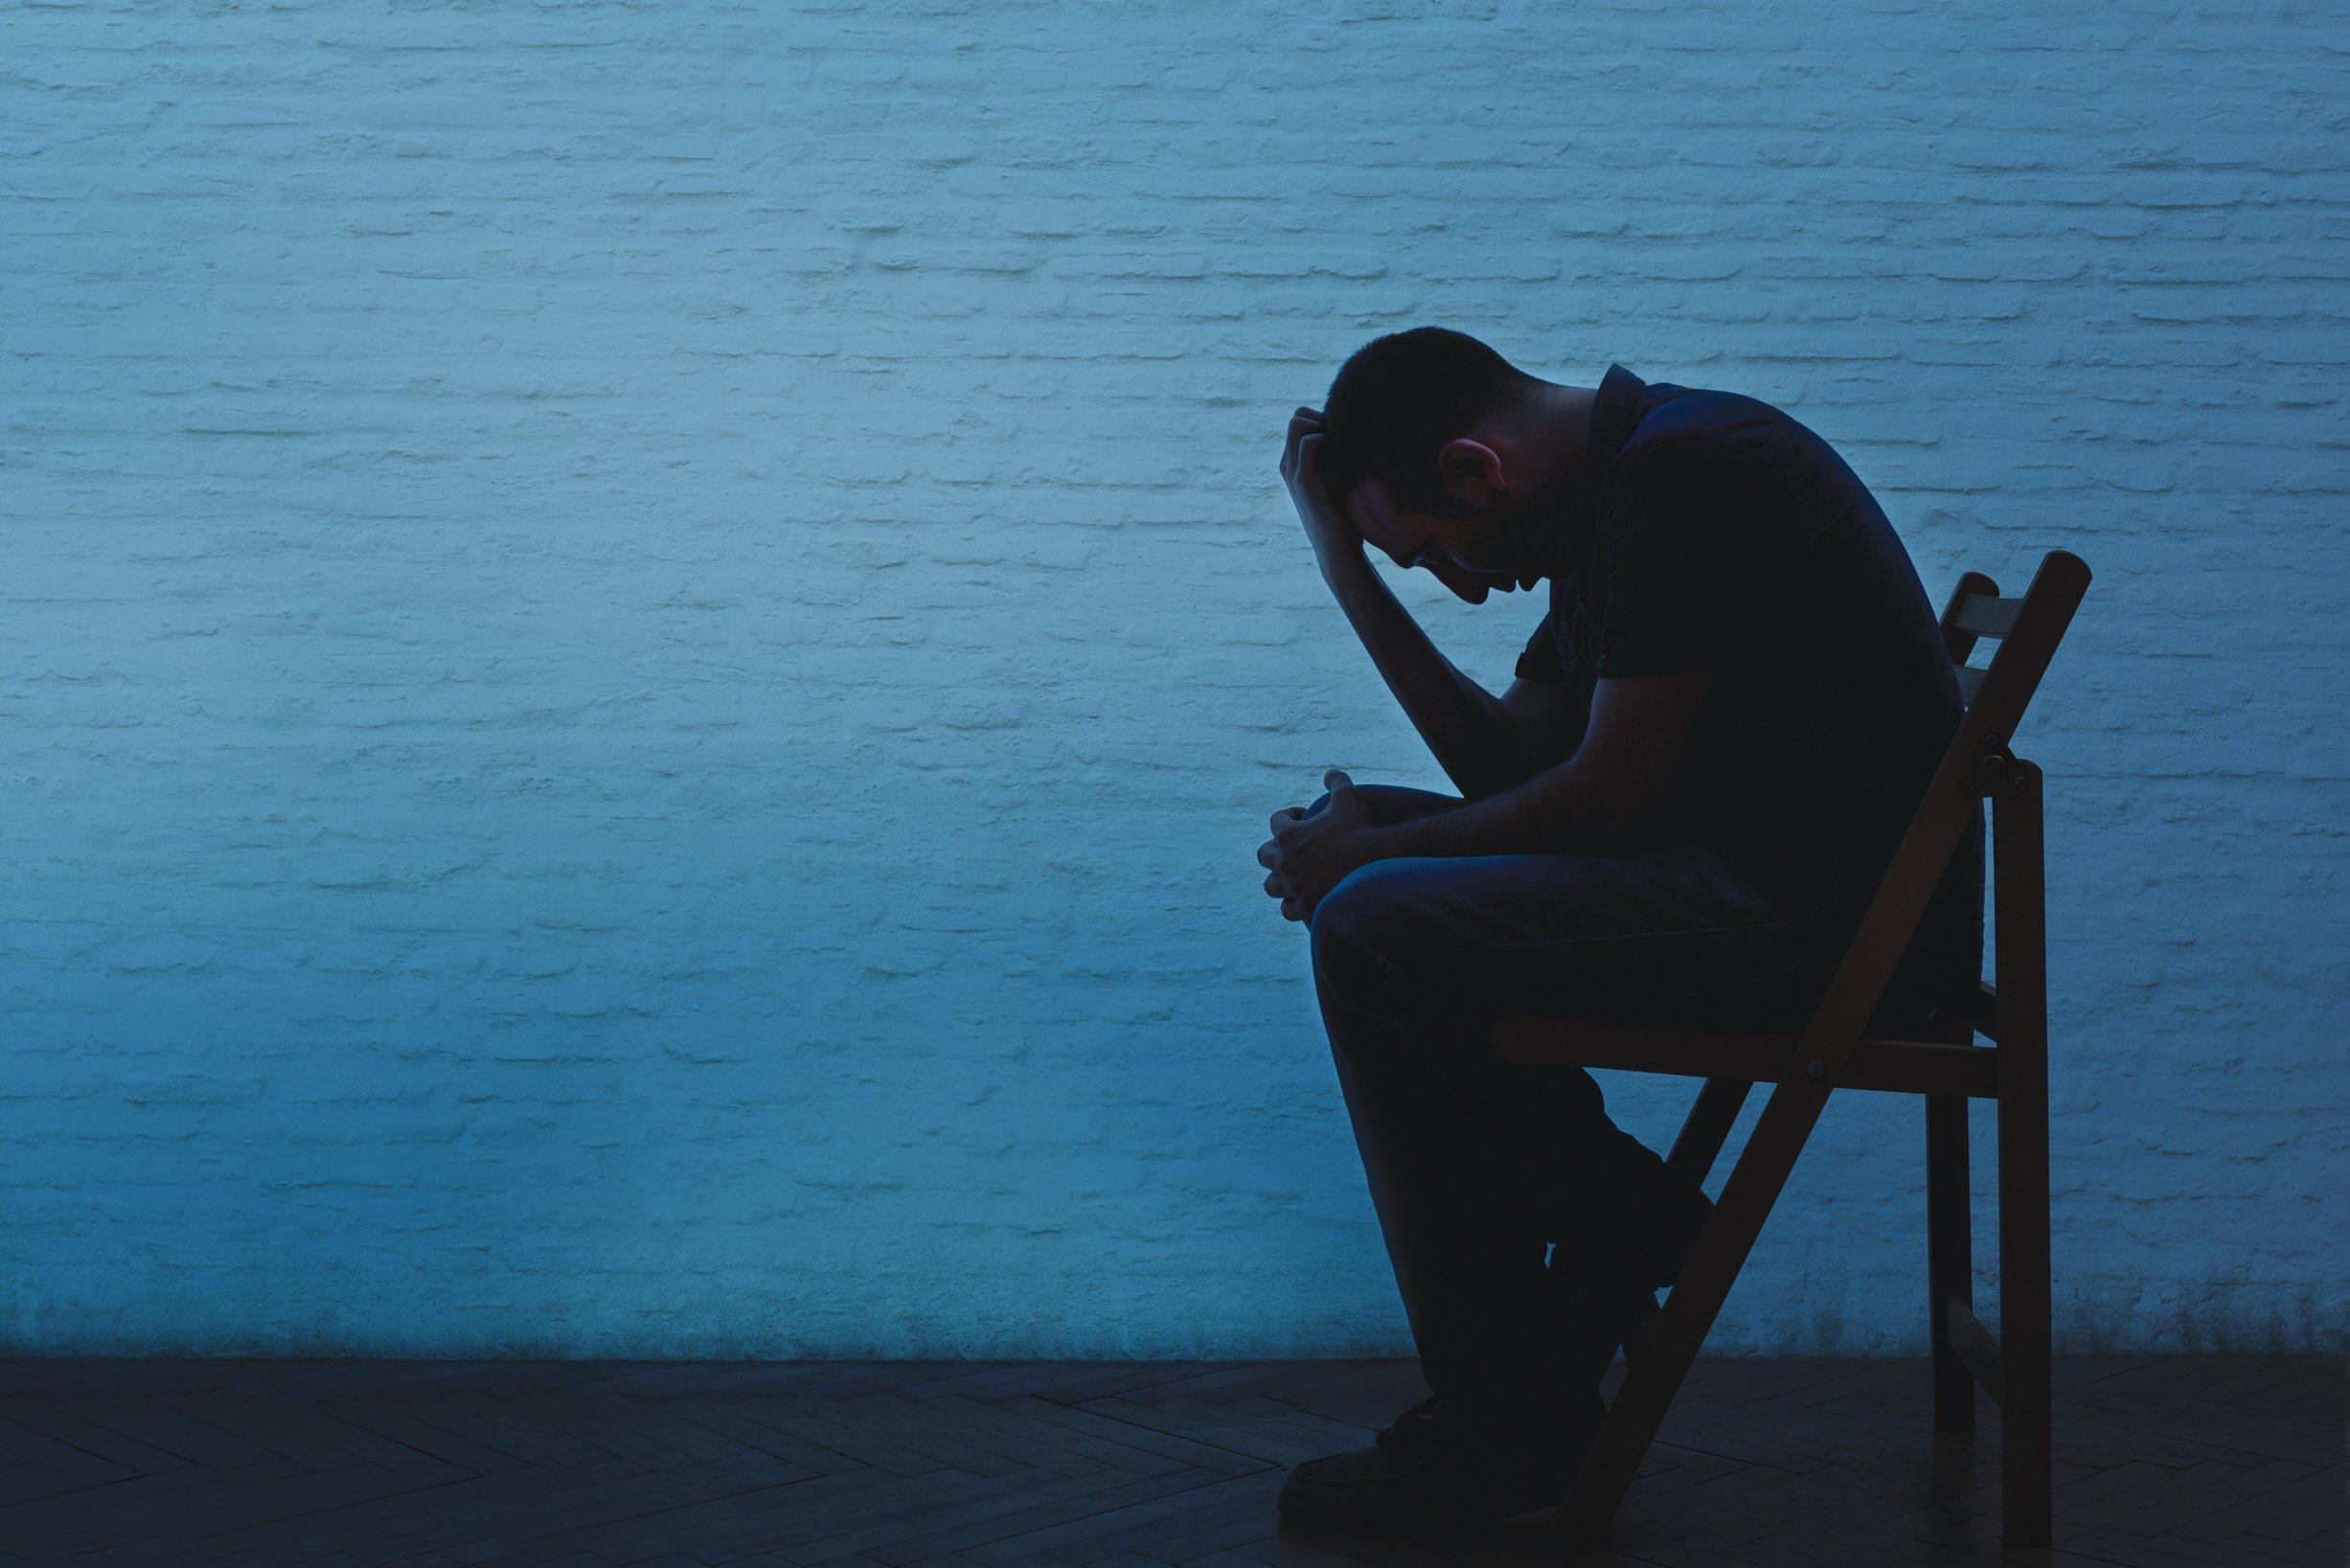 Ψυχική υγεία κατα την διάρκεια της πανδημίας. Οι στόχοι  και οι προσπάθειες που γίνονται για αναβάθμιση των Υπηρεσιών Ψυχικής Υγείας του ΟΚΥπΥ